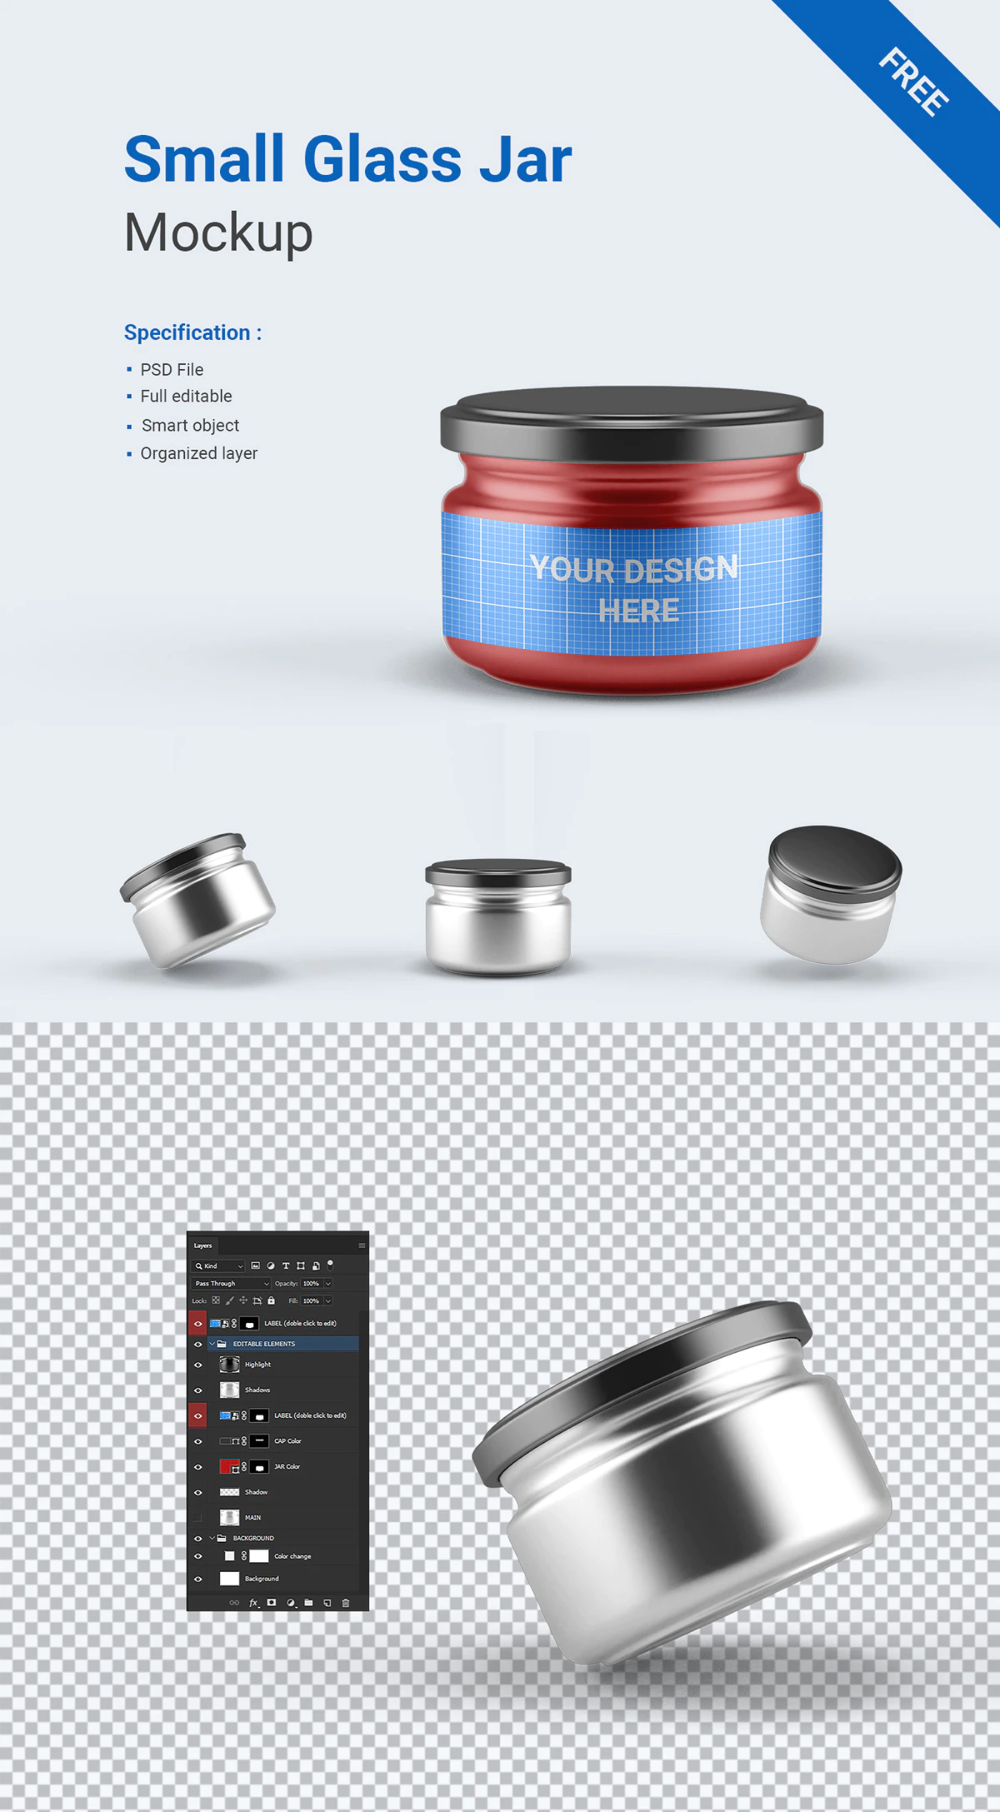 Download Free Small Glass Jar Mockup Free Design Resources Small Glass Jars Glass Jars Jar